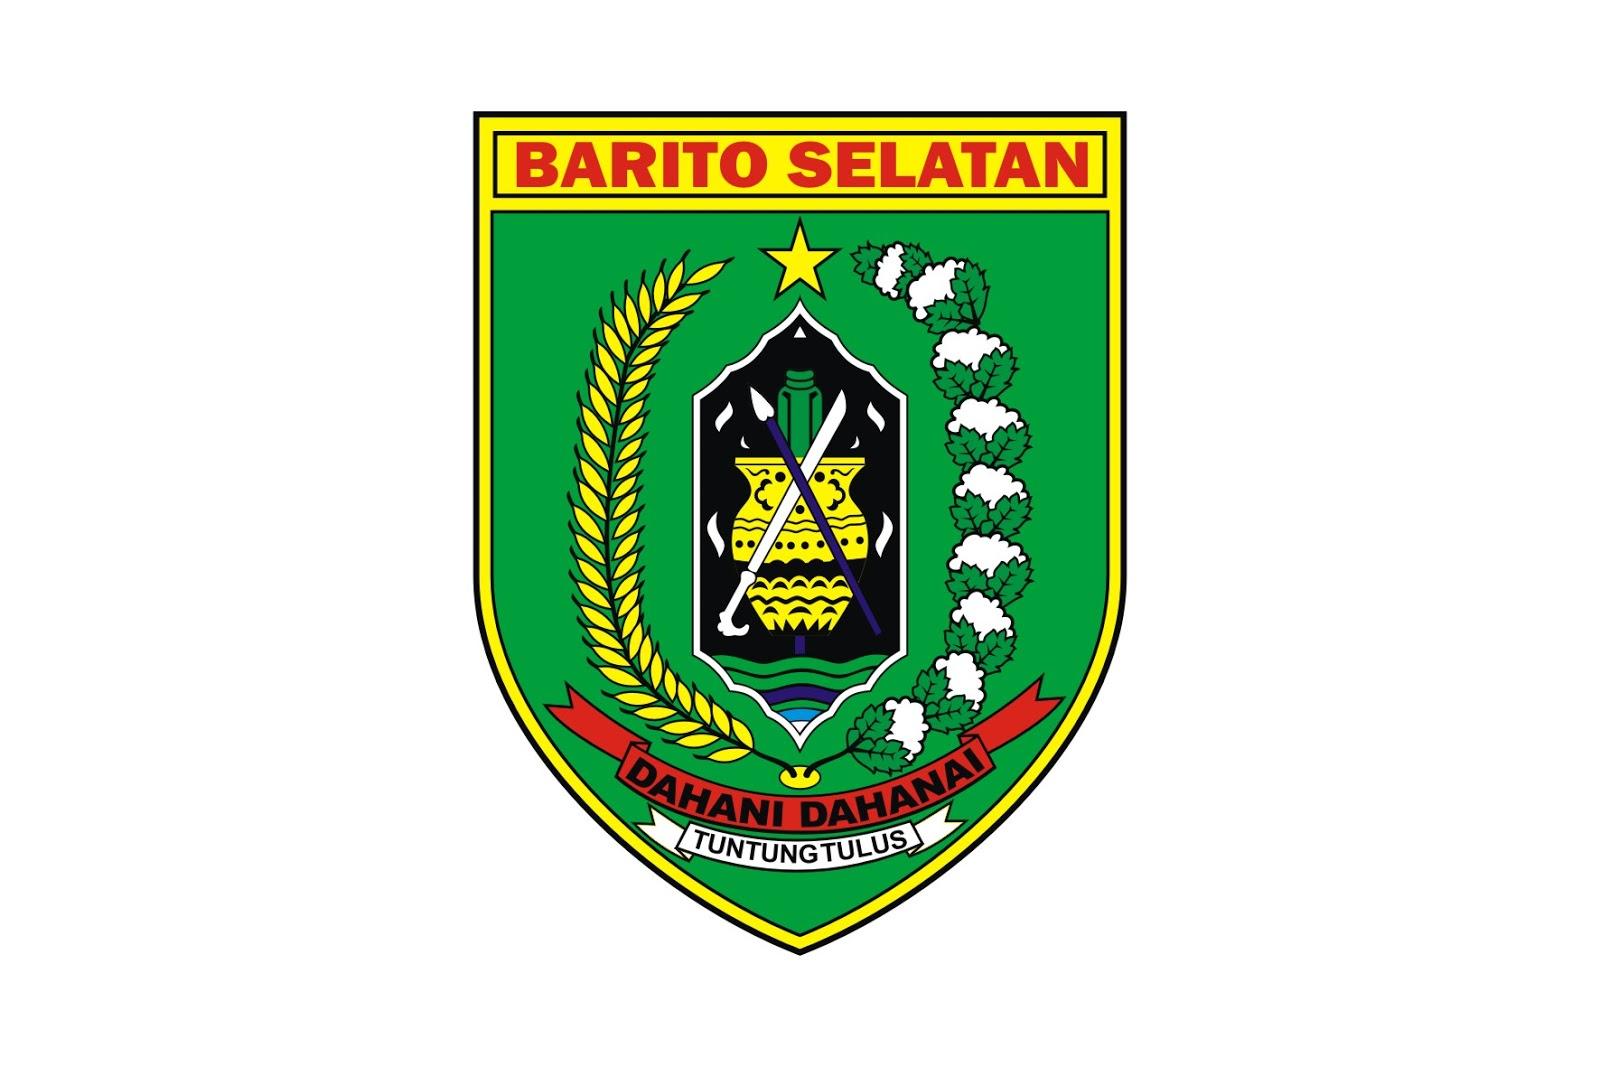 BARITO SELATAN - Informasi Perikanan Tangkap Kalimantan Tengah